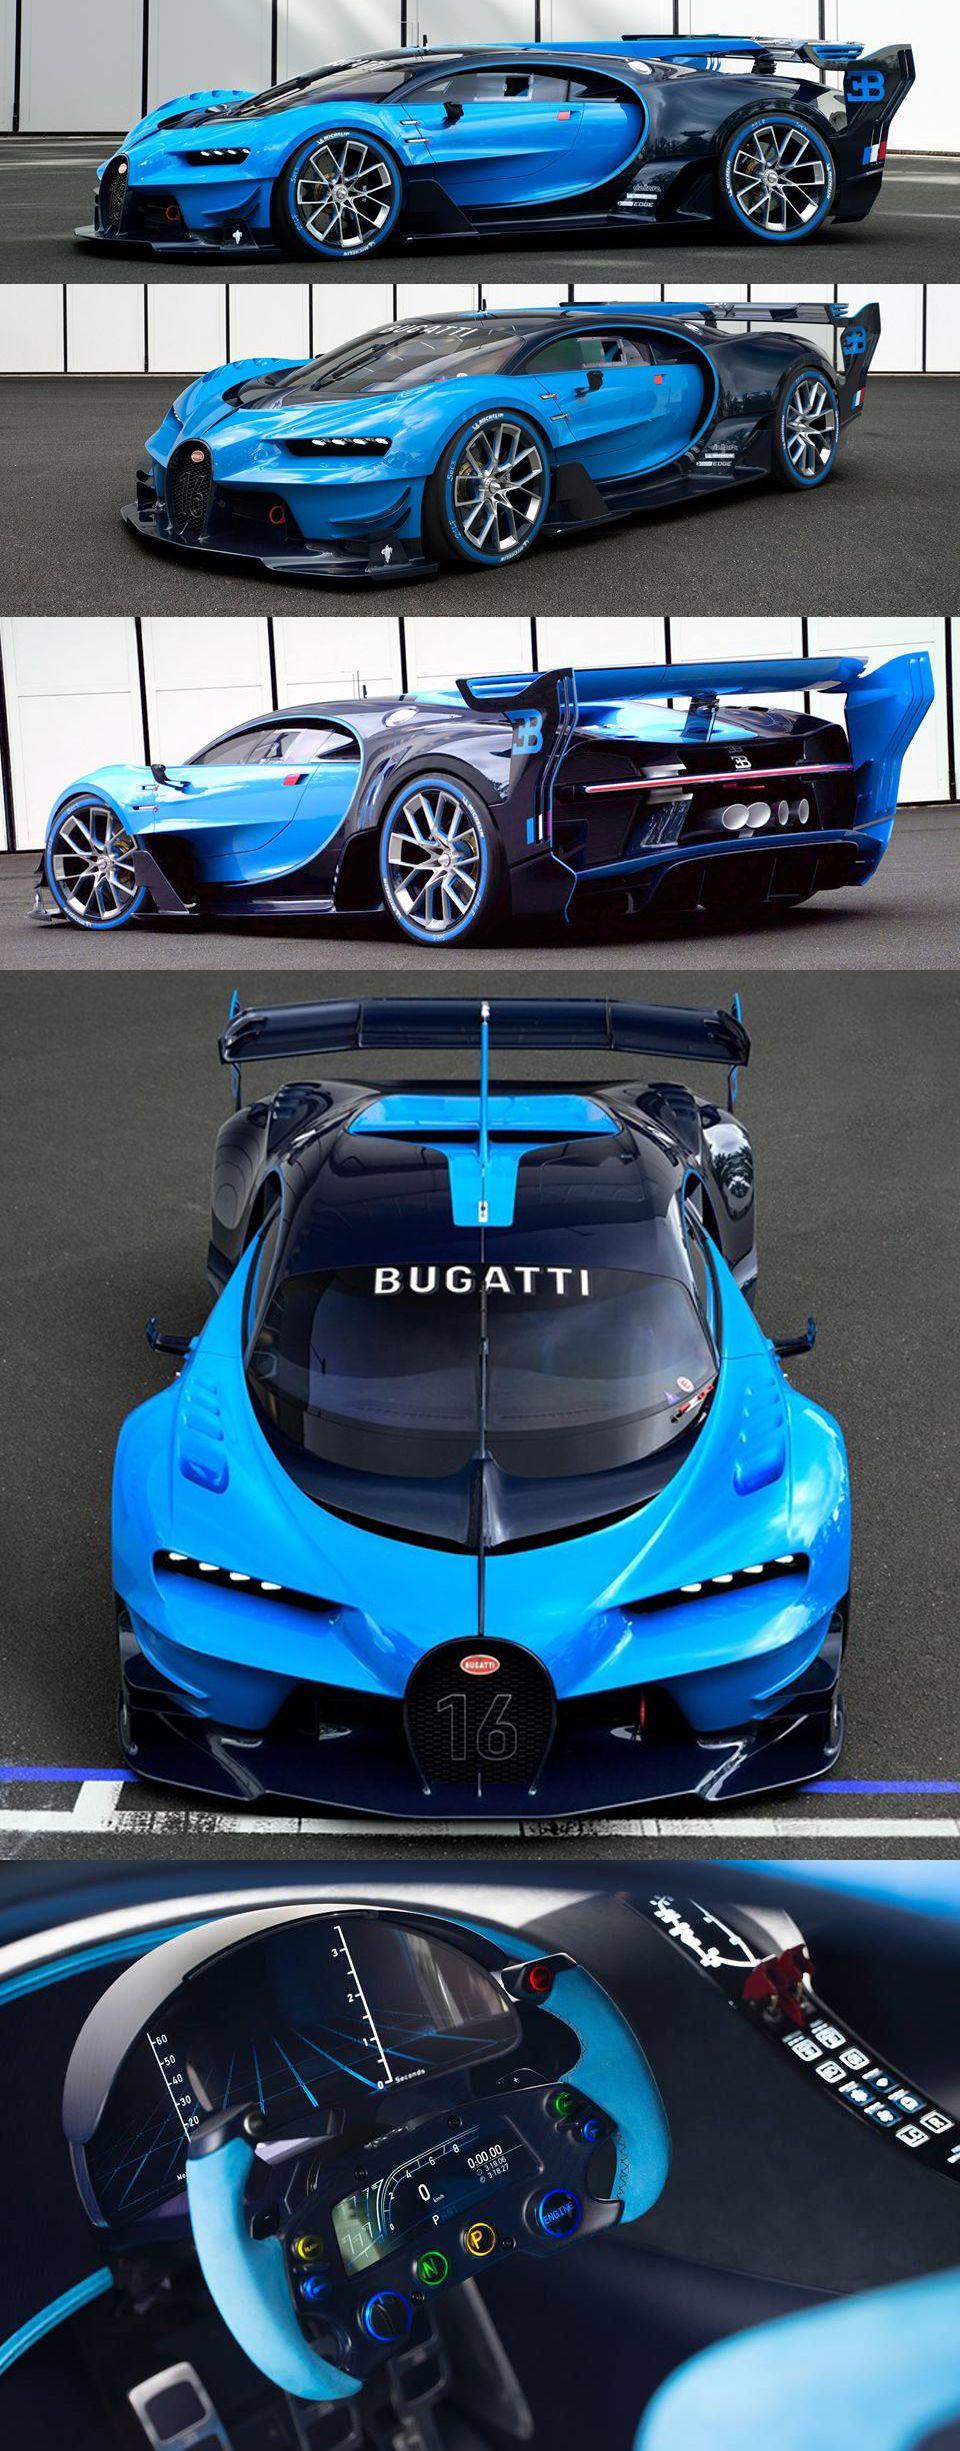 //Bugatti Vision Gran Turismo MI COCHE